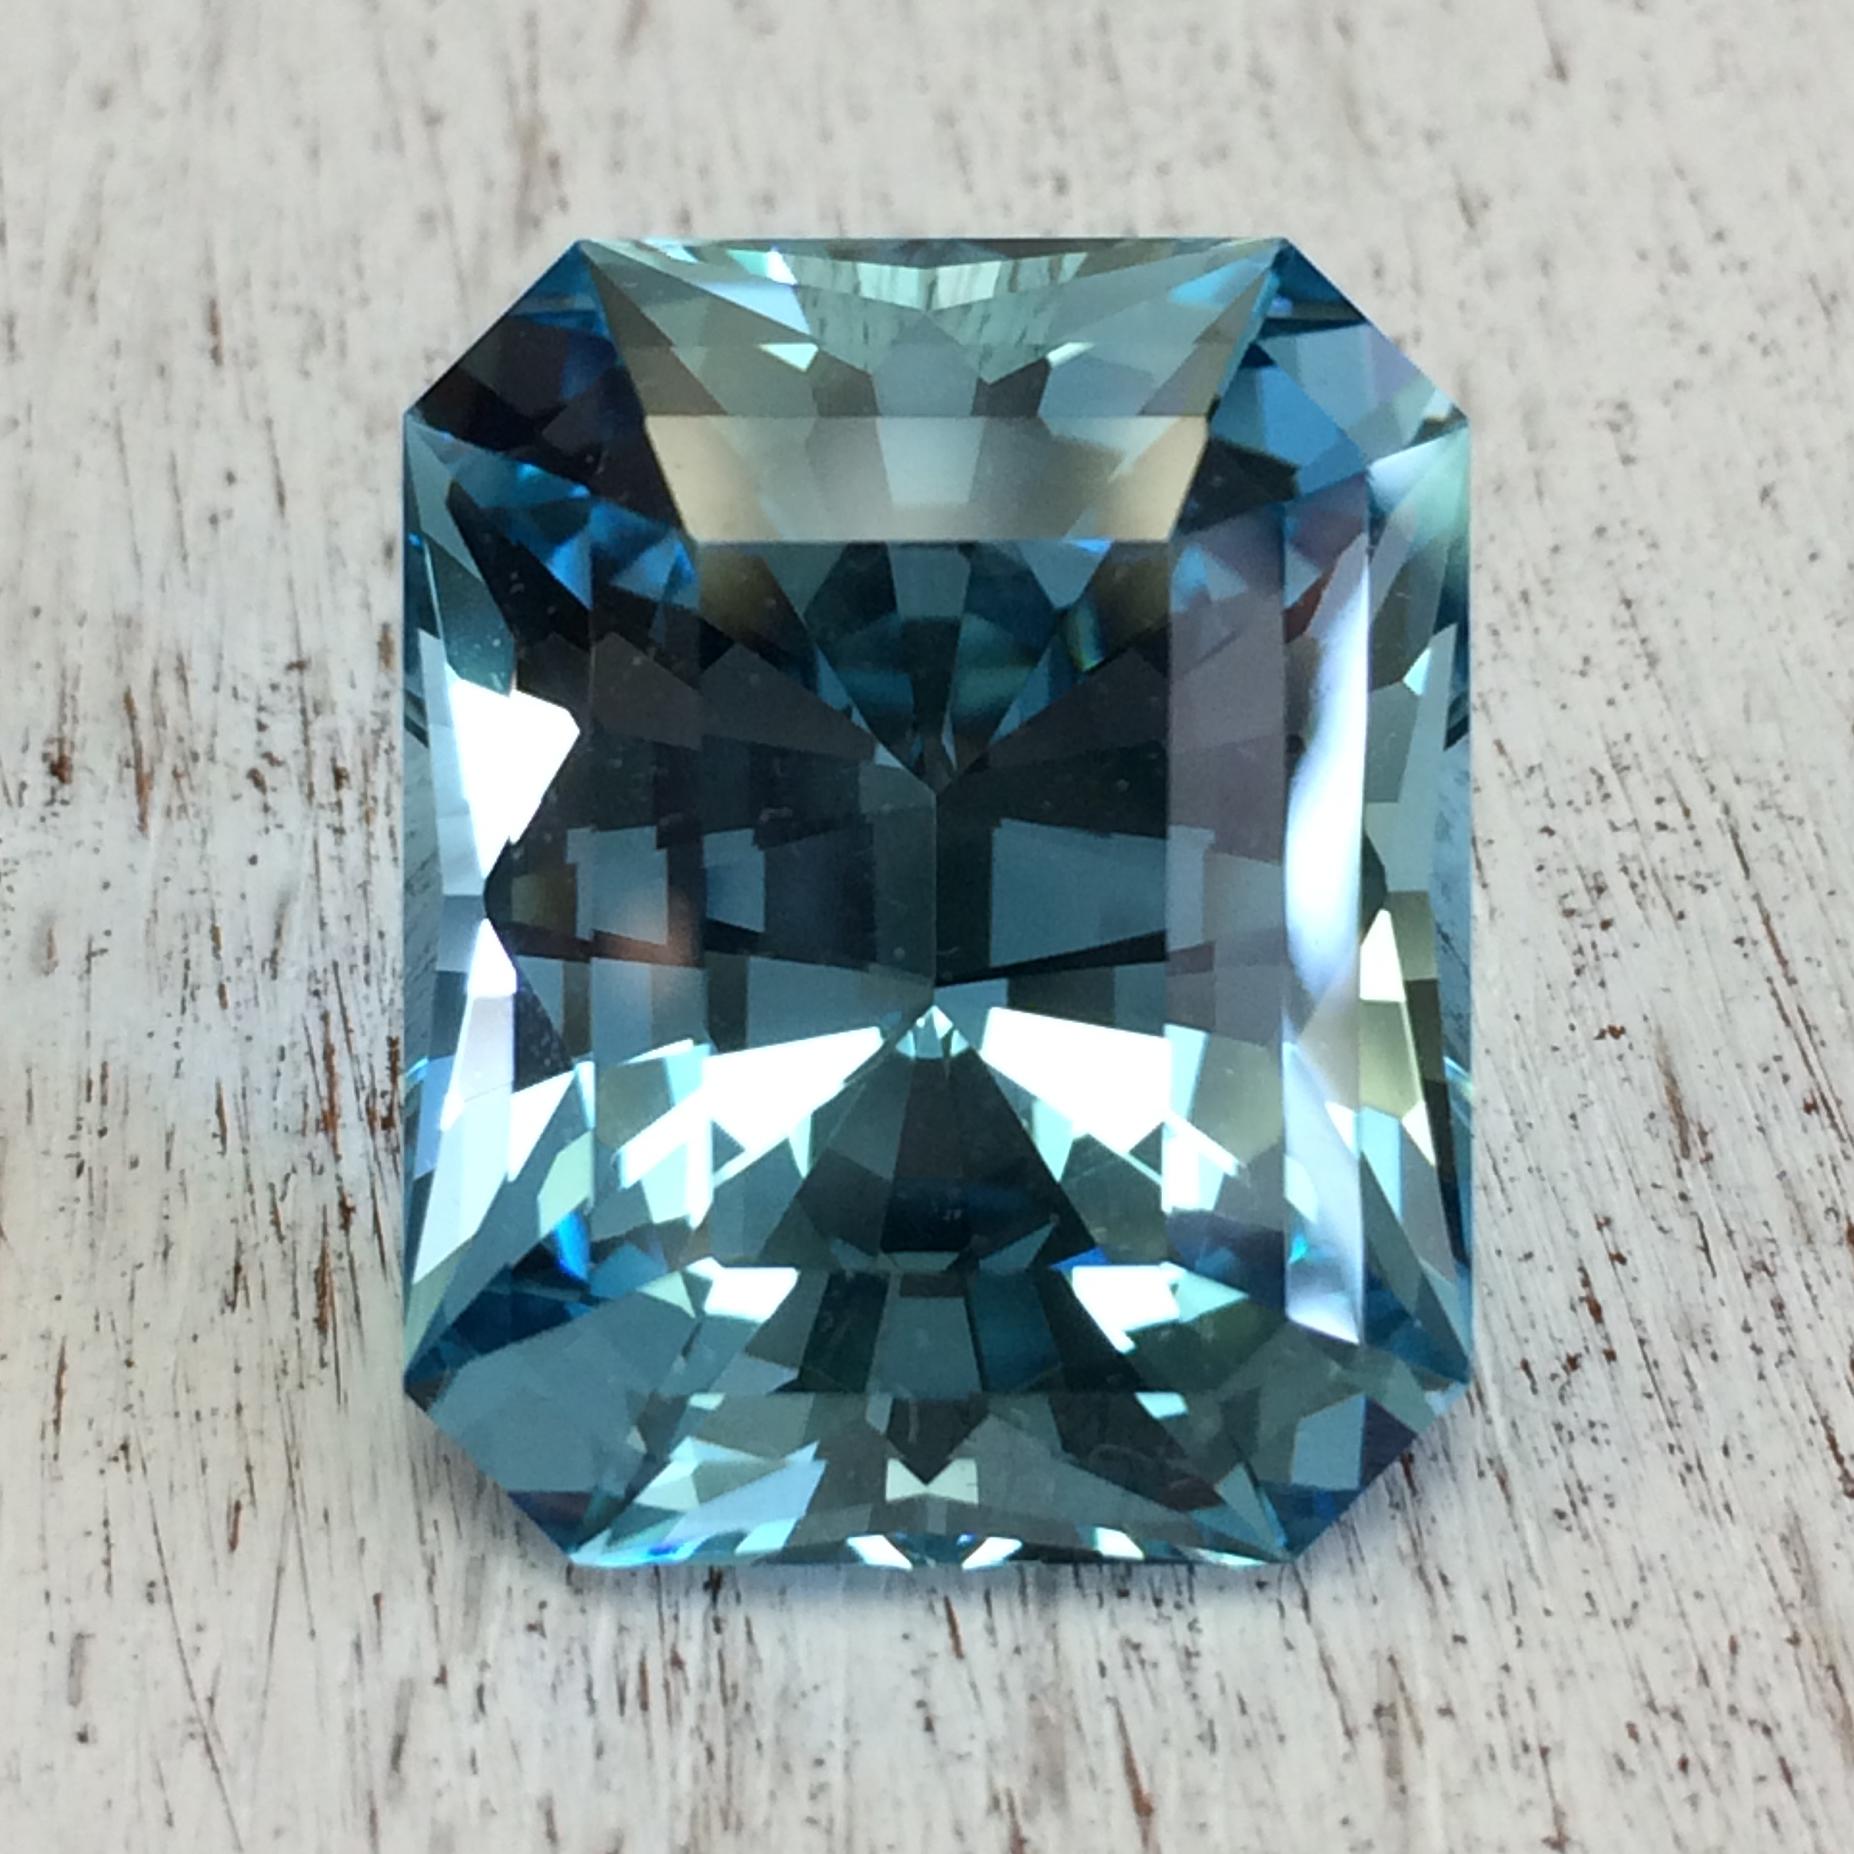 Recut 26.04 carat Aquamarine